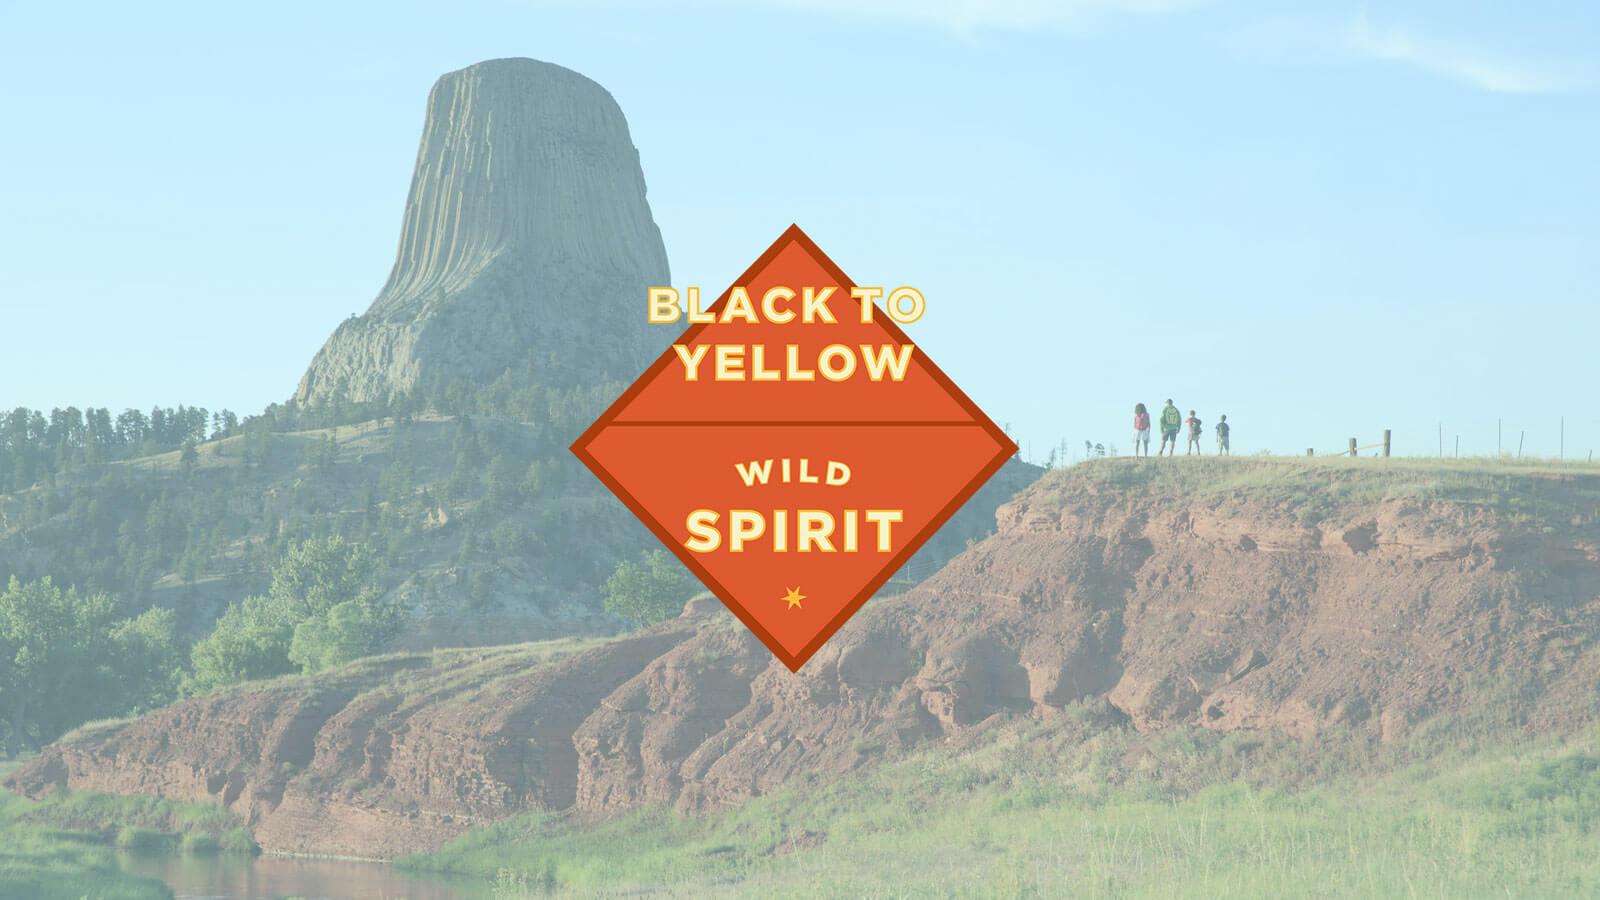 Black to Yellow Region Wild Spirit